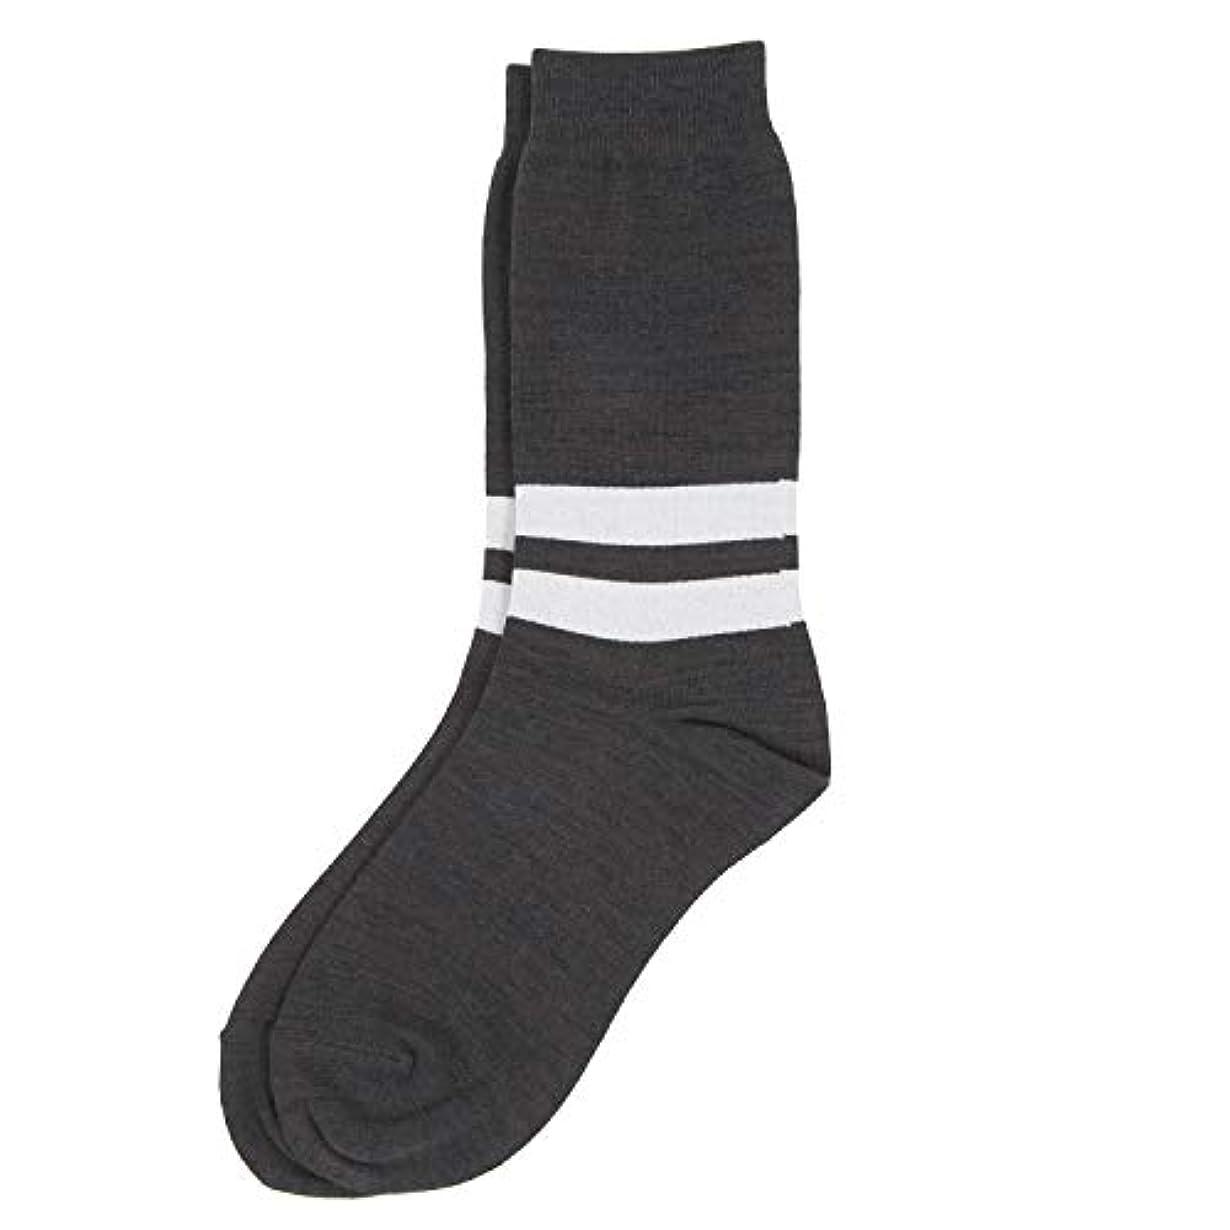 パターン連結する戦争Deol(デオル) ラインソックス 男性用 メンズ [足のニオイ対策] 長期間持続 日本製 無地 靴下 グレー 25cm-27cm